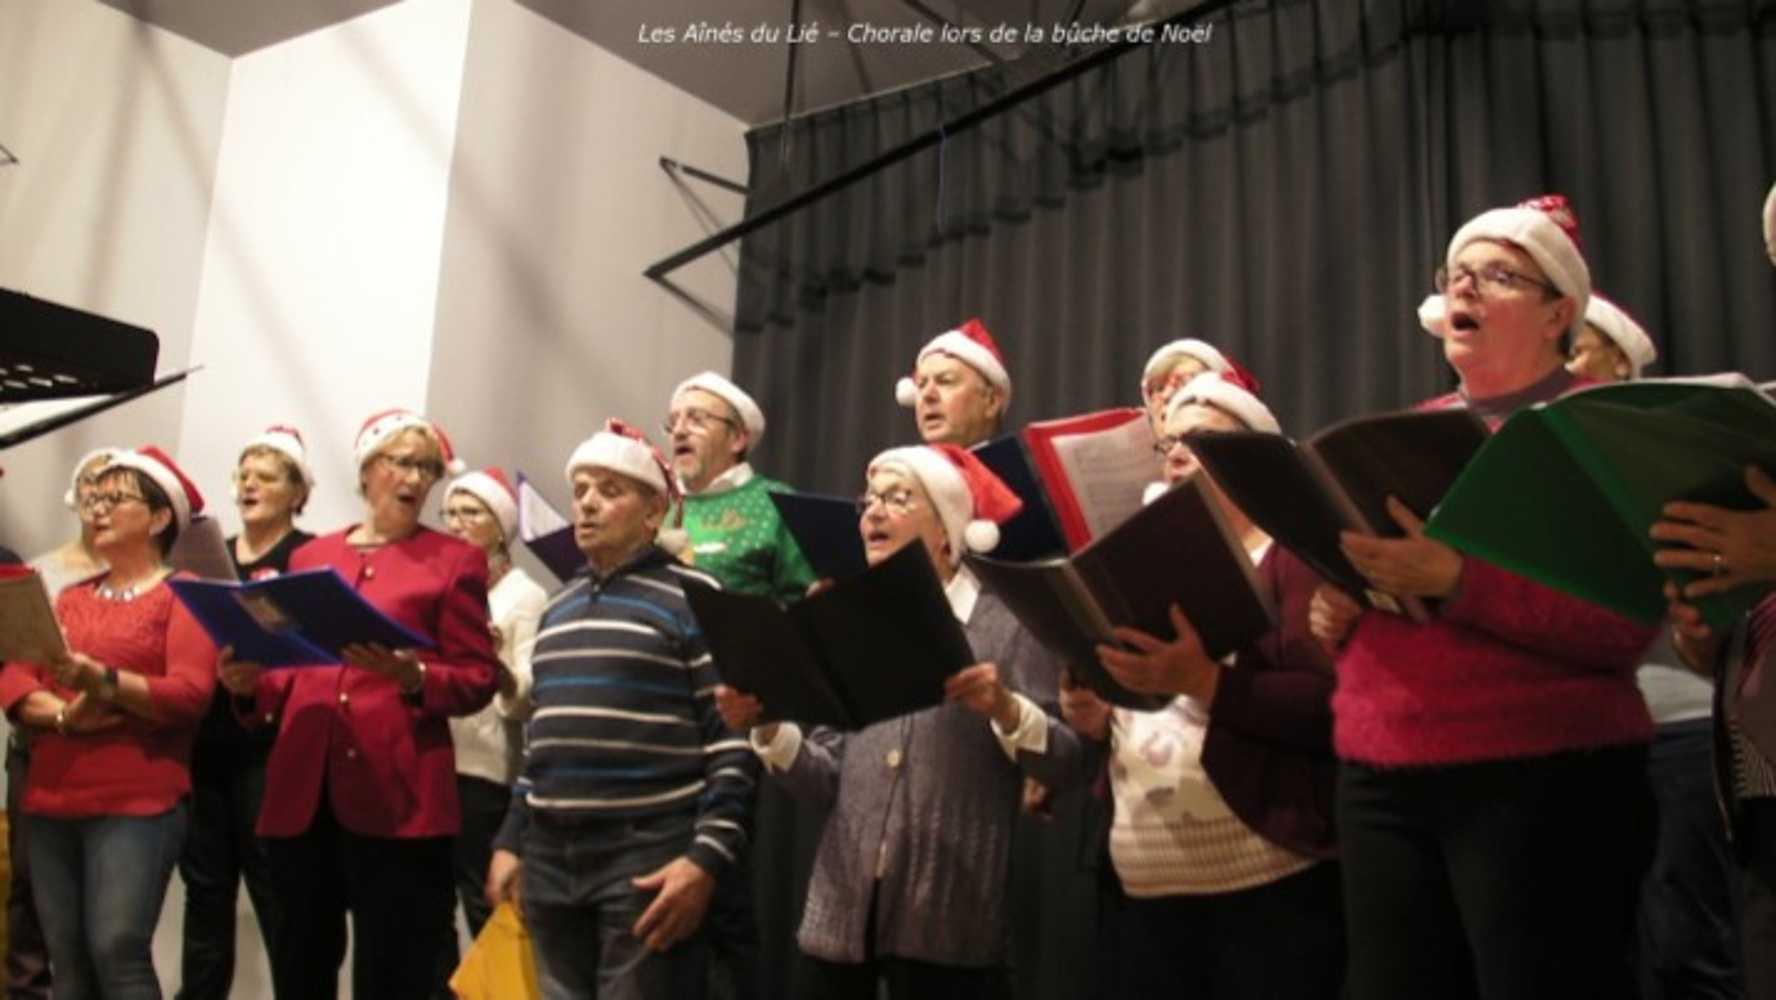 Photos de la chorale des Aînés du Lié à la bûche de Noël image2